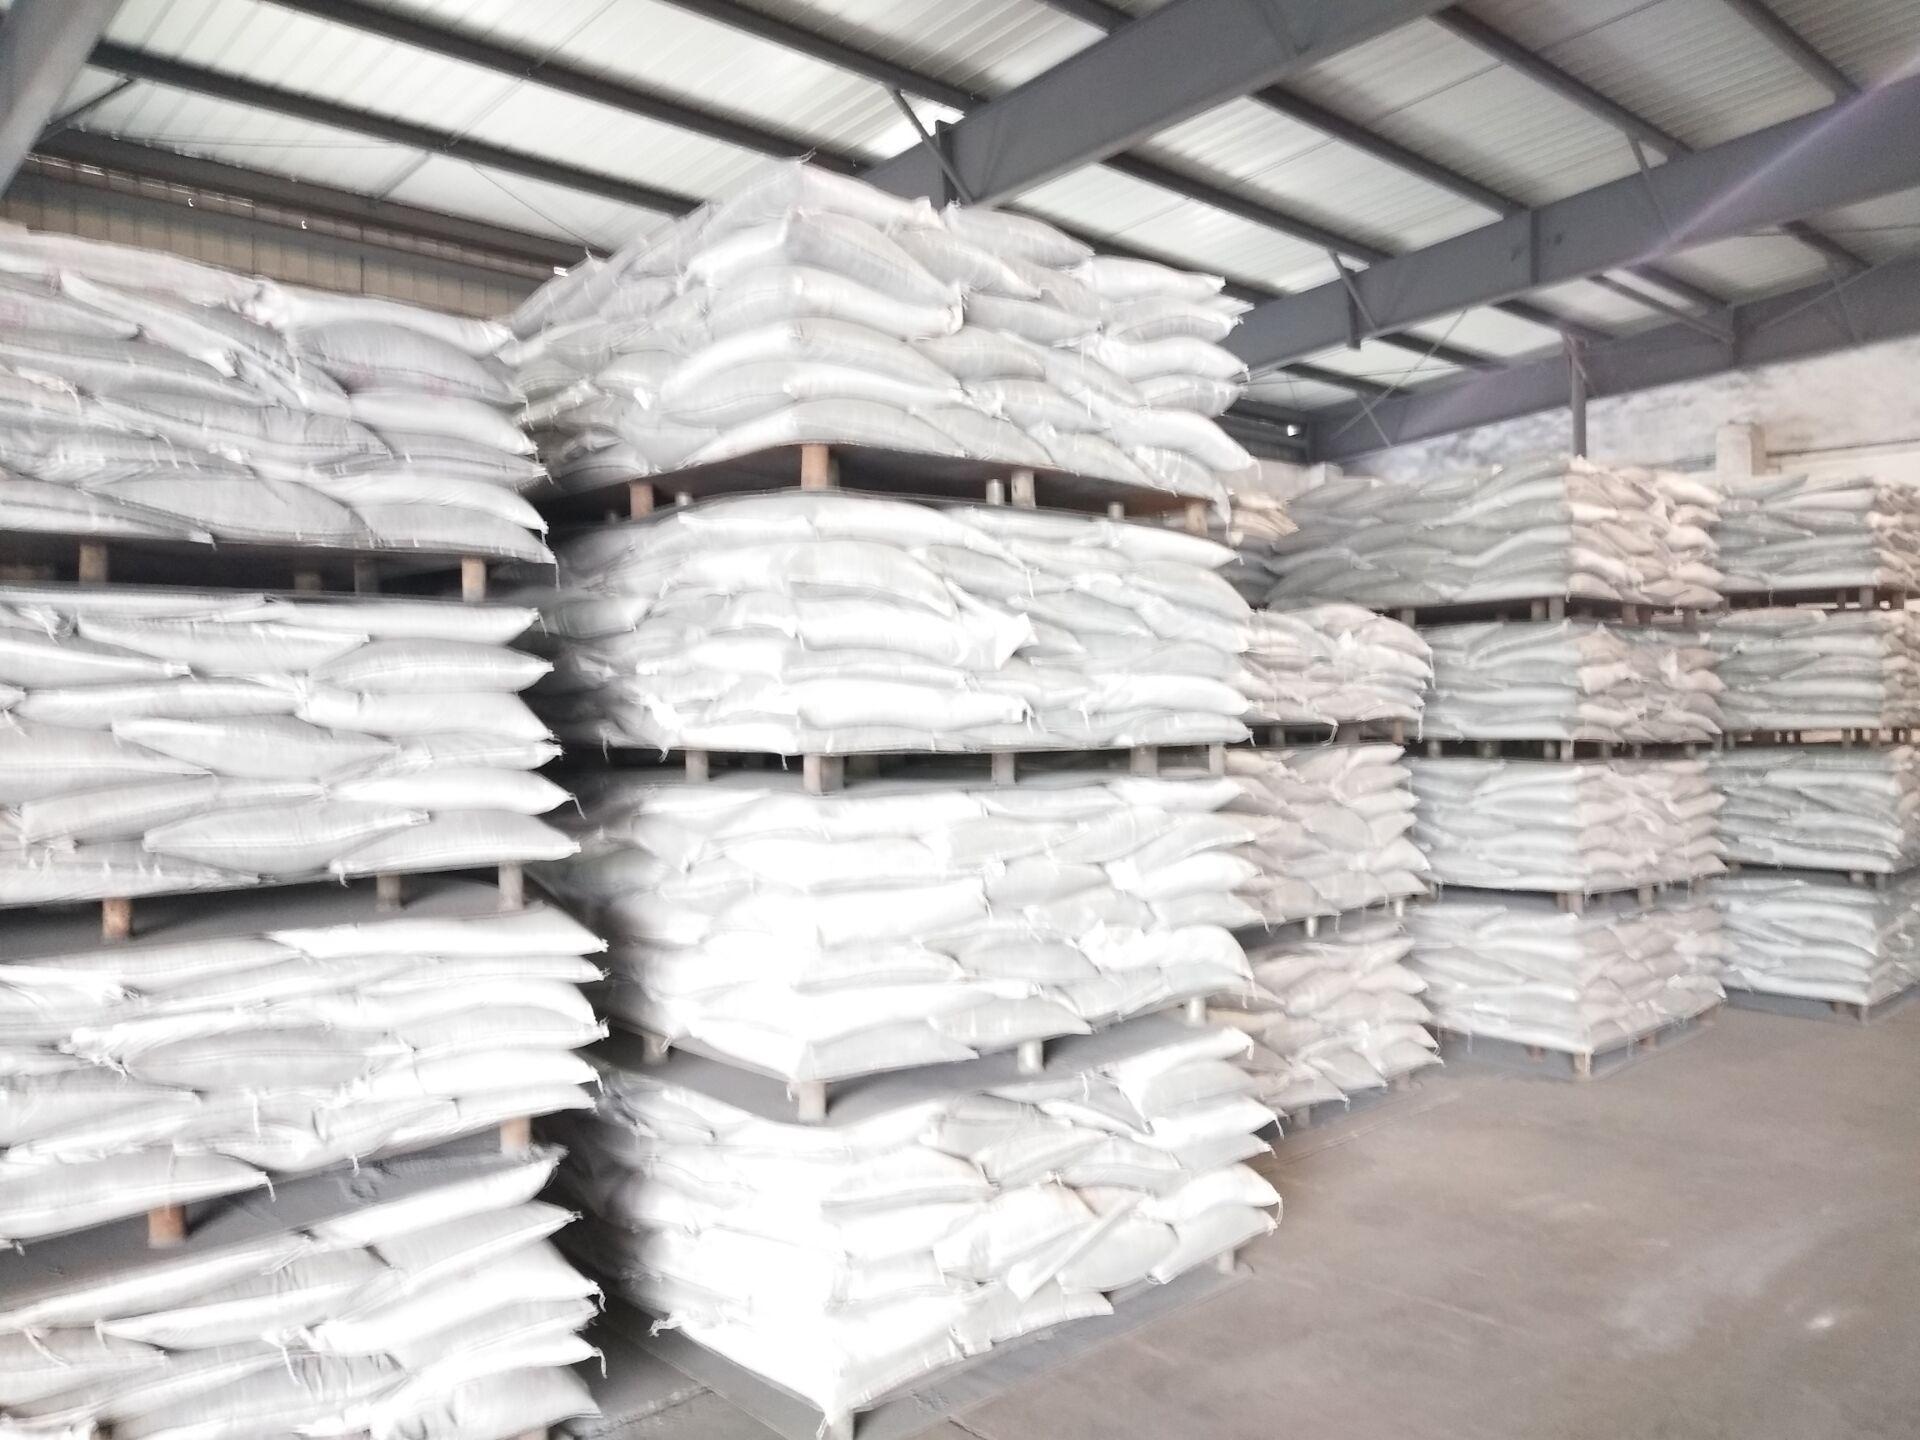 云南弥勒锌鑫电冶长期出售电炉锌粉,联系电话:13577077043 孙总